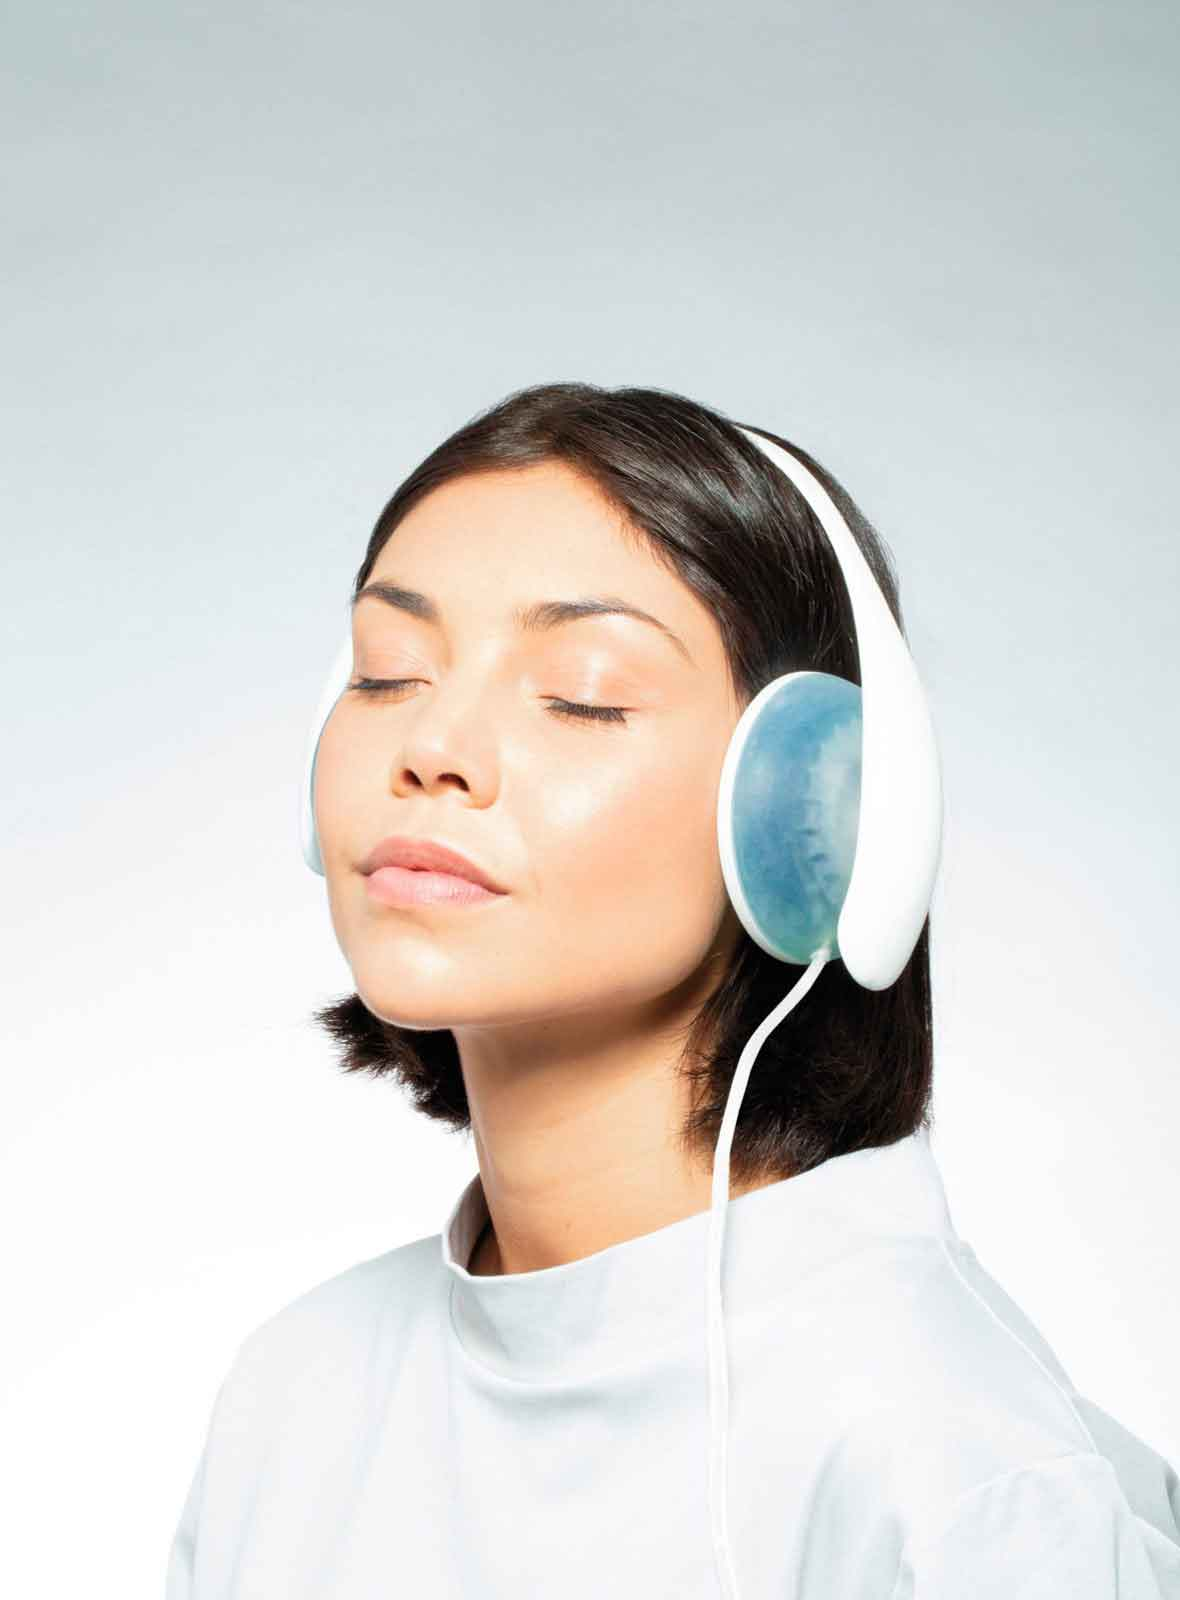 inmergo-headphones—(3)